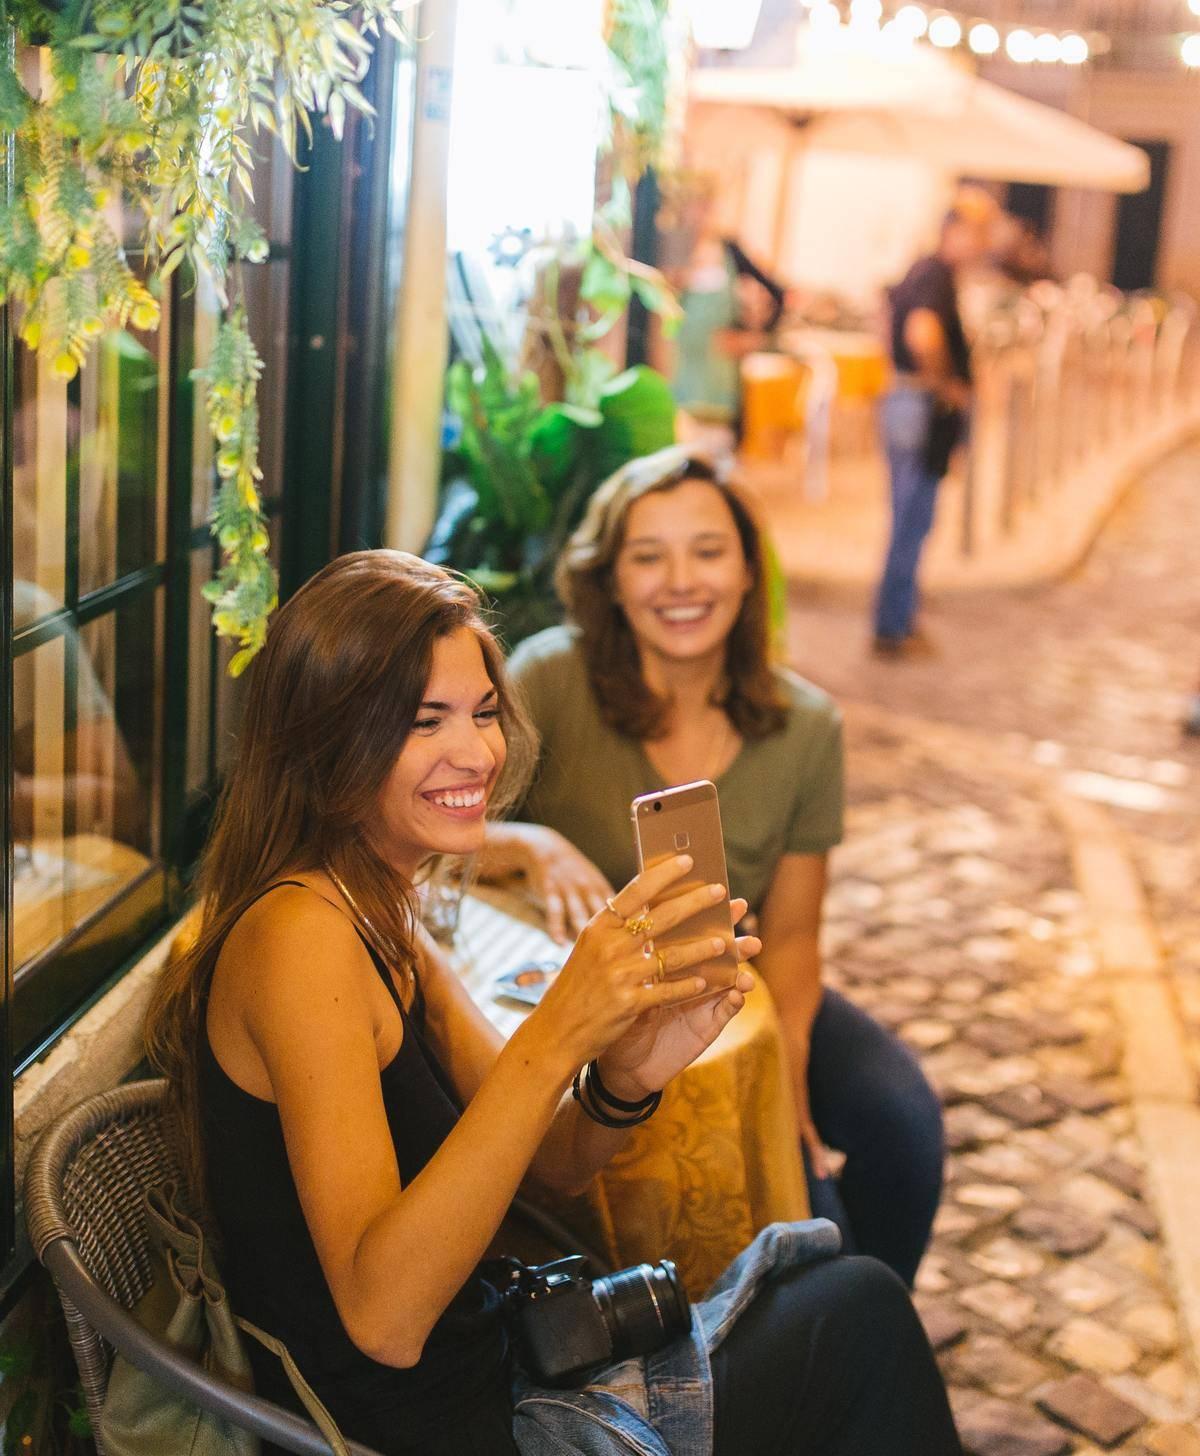 friends taking a selfie on a patio